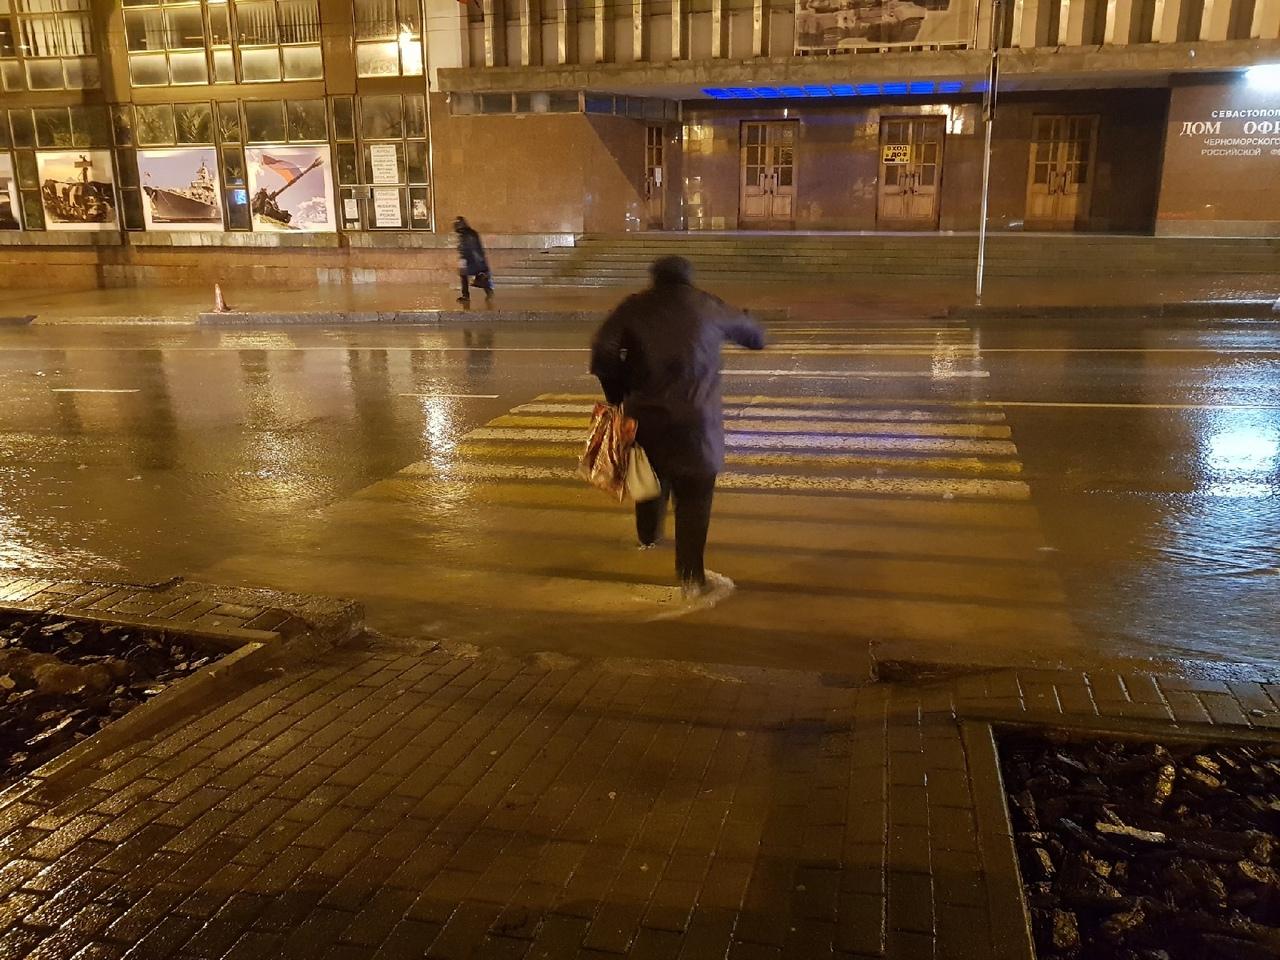 Кролем или брасом: севастопольцы выбирают способ перейти дорогу